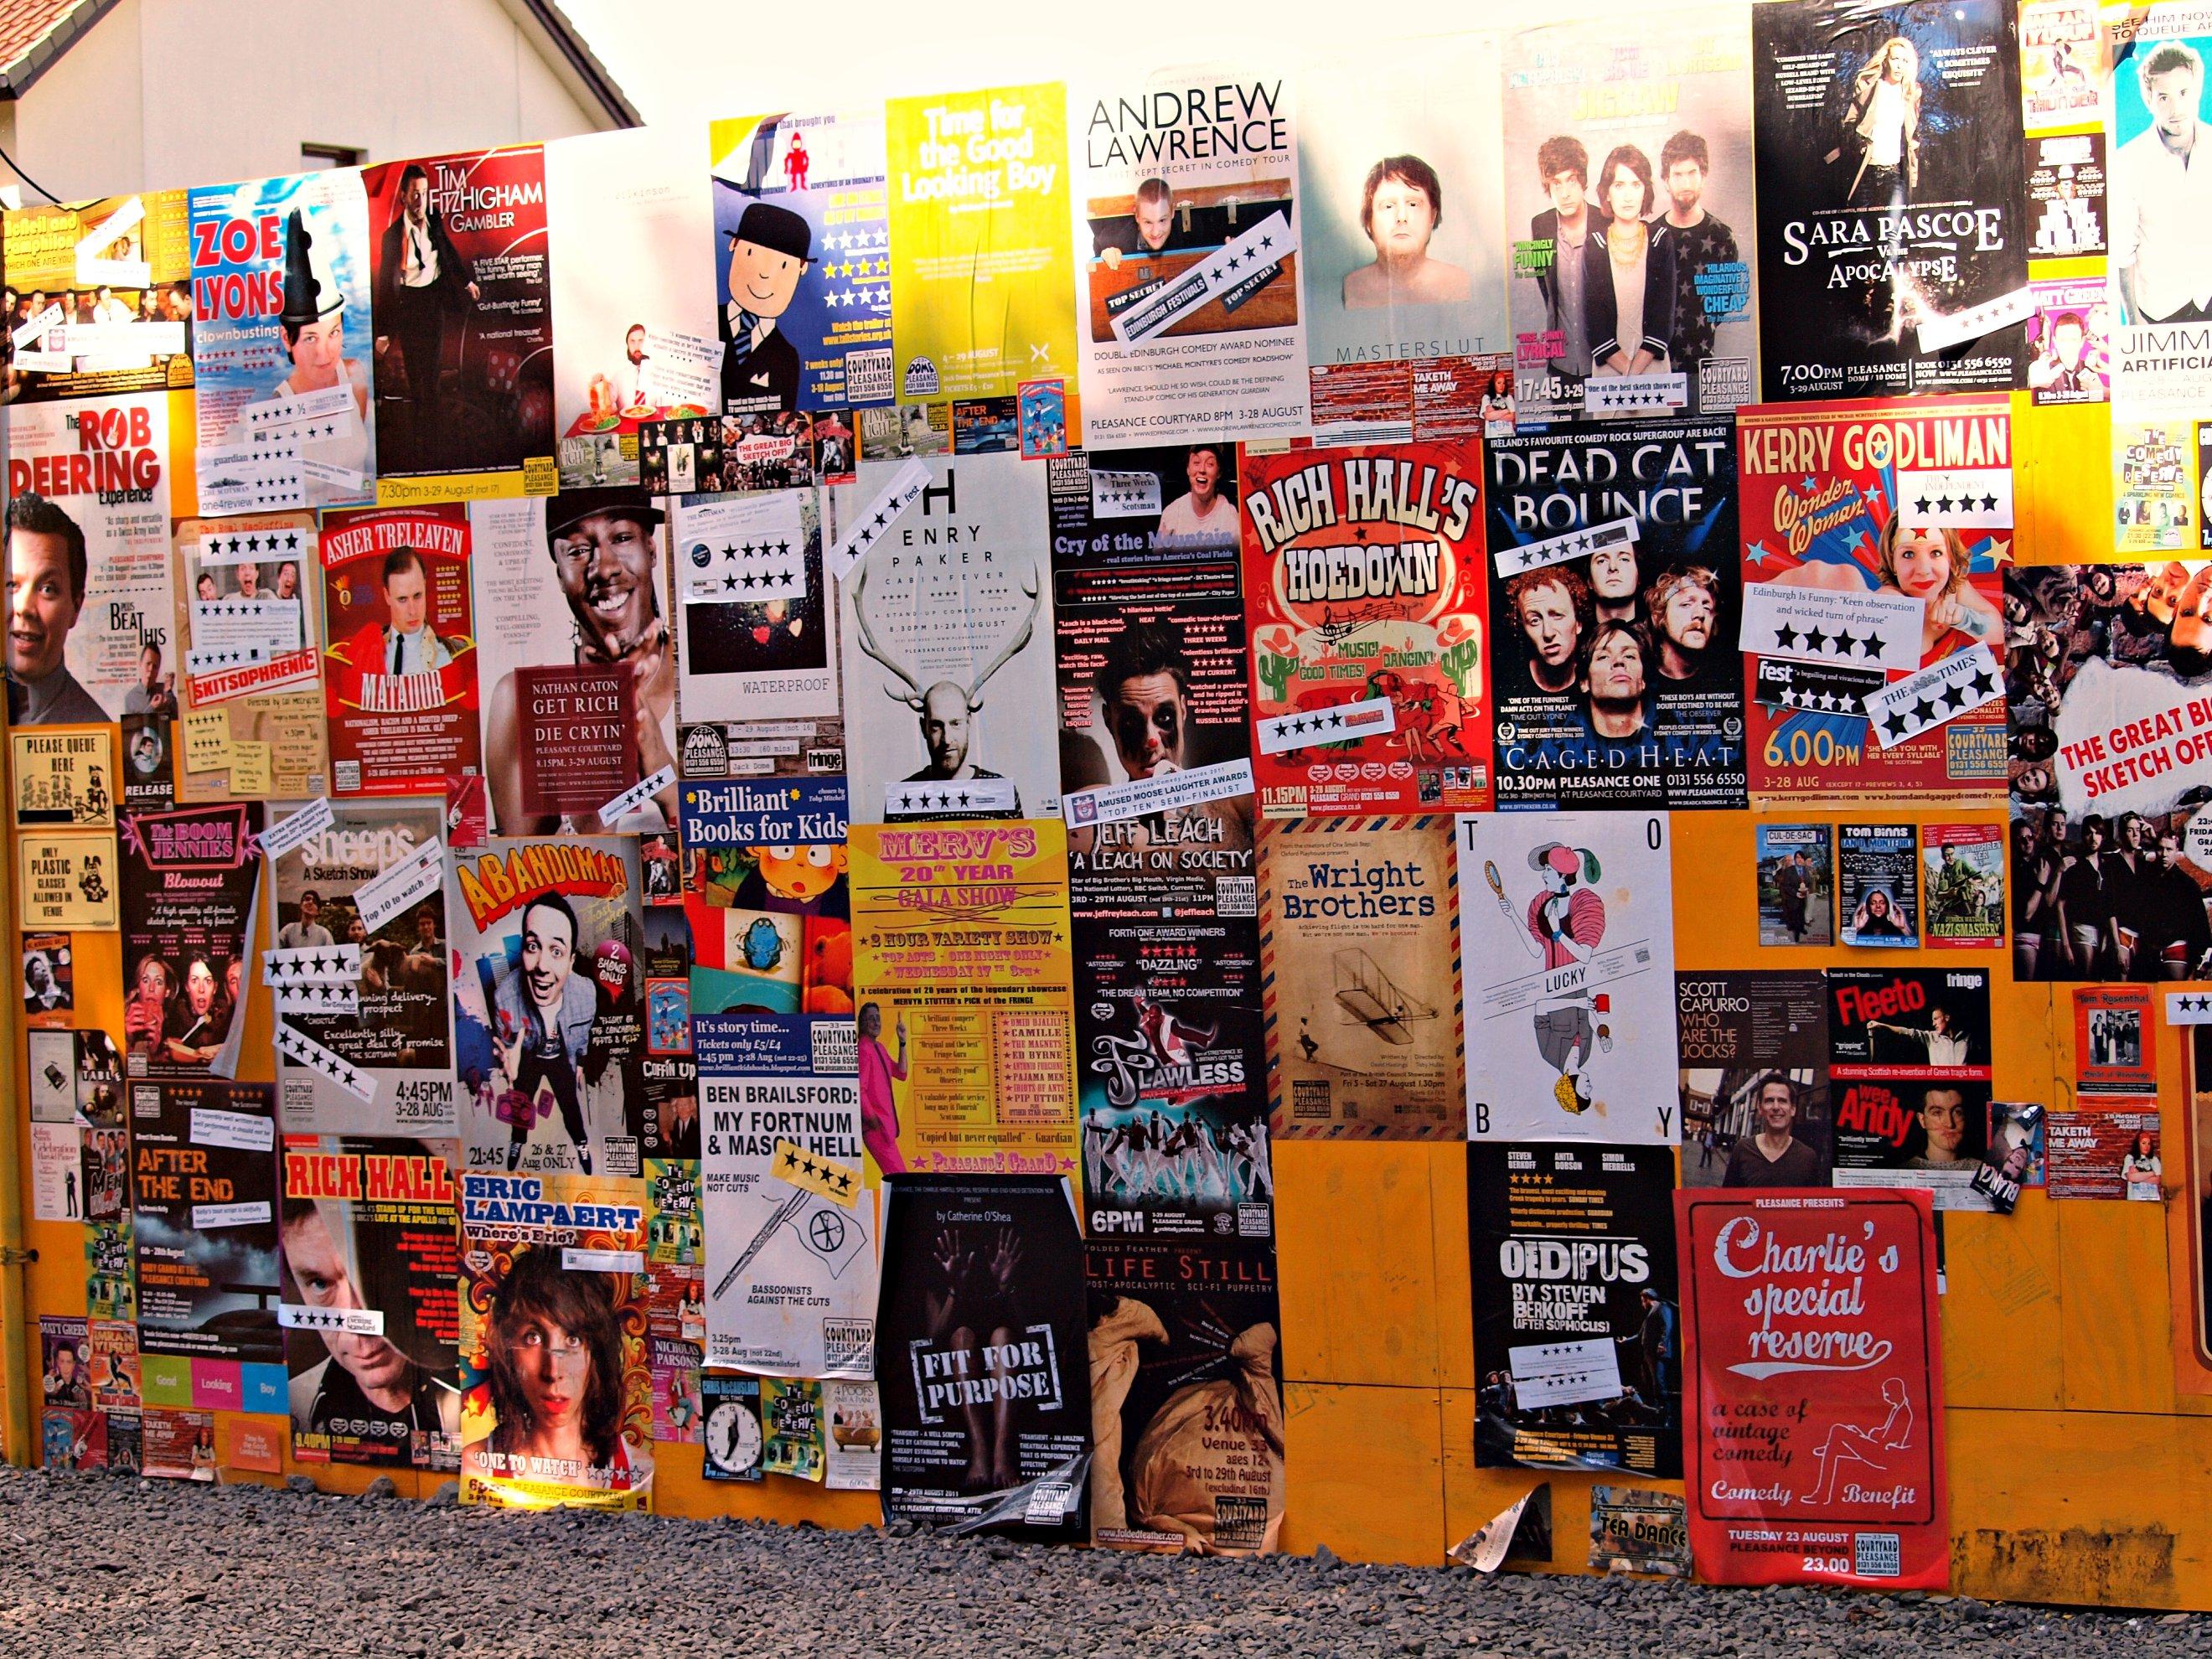 Posters for the fringe edinburgh festival 2011